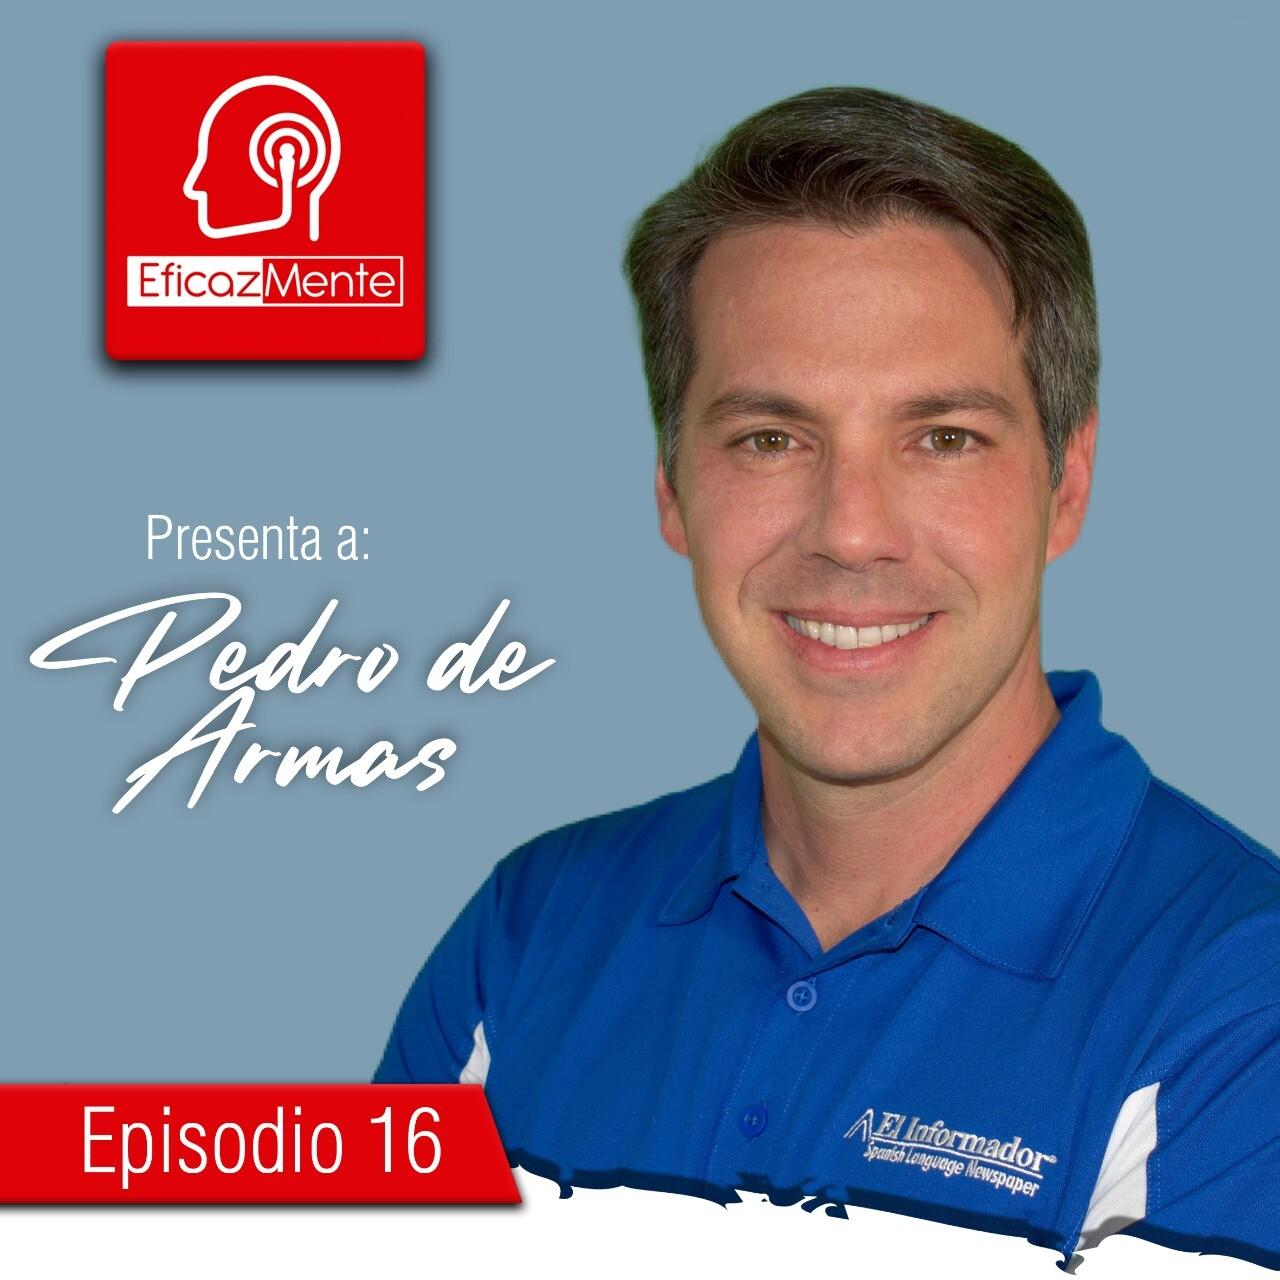 Pedro de Armas: inmigrante emprendedor